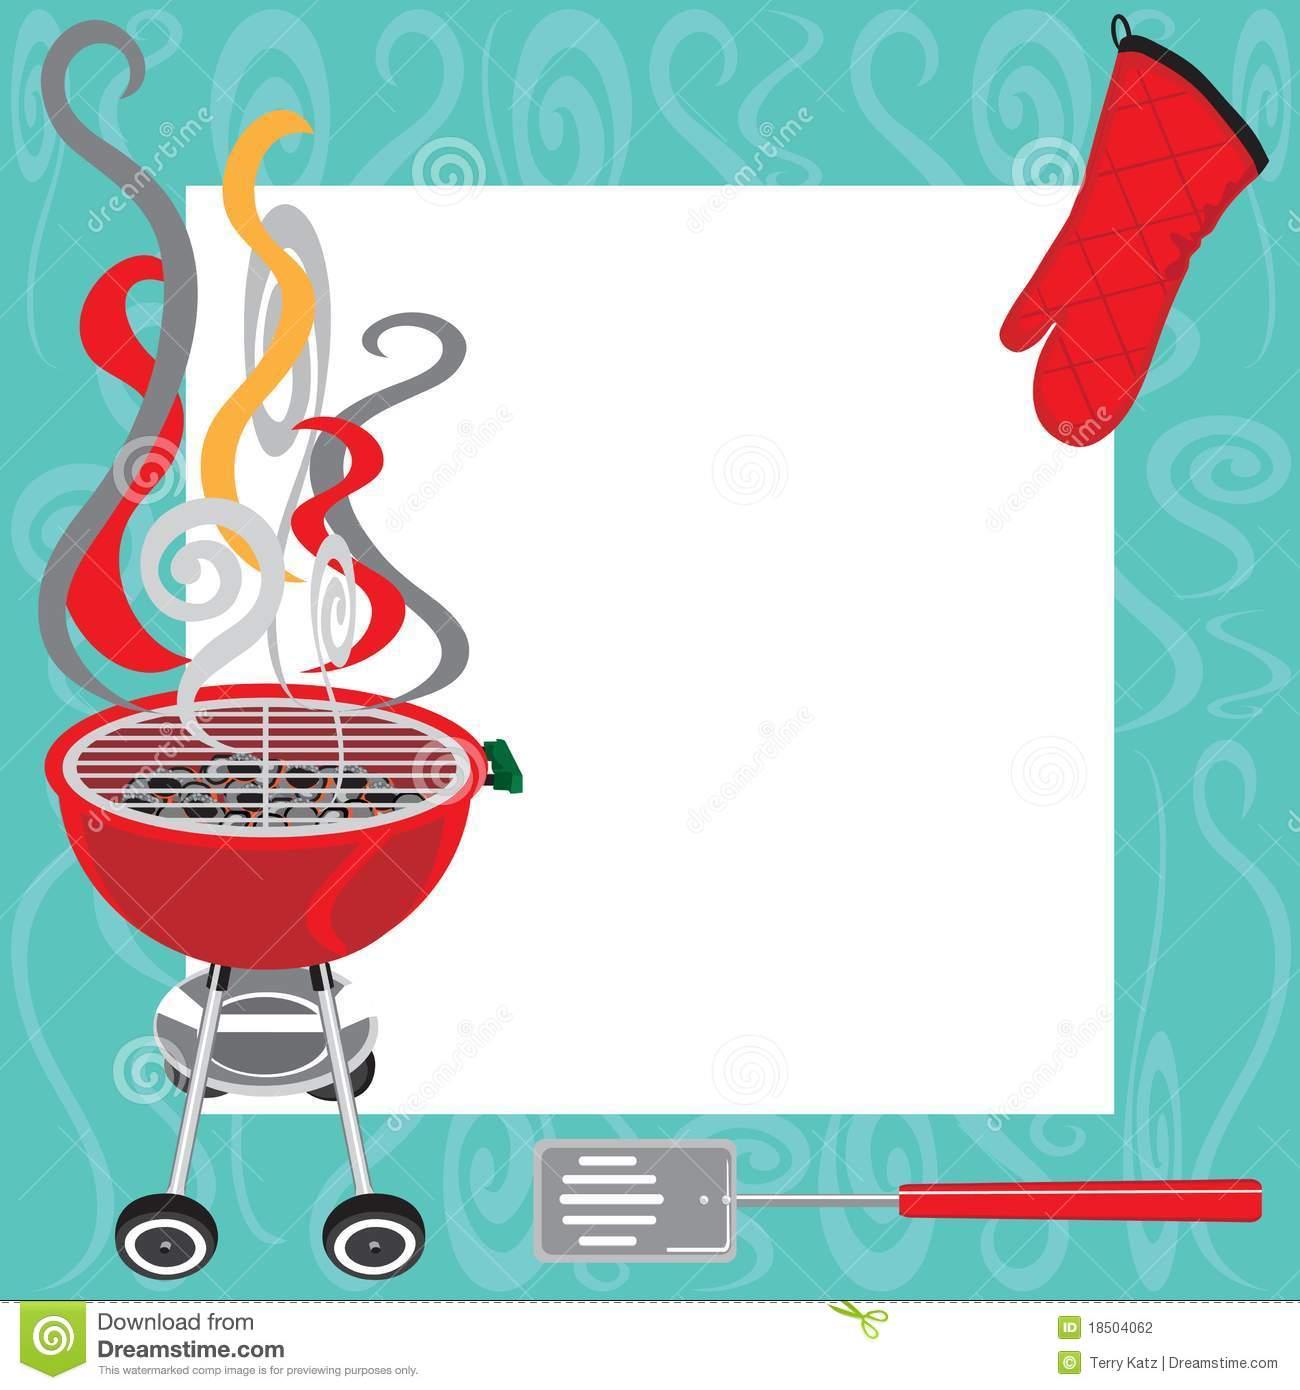 Barbecue Party Invitation Templates